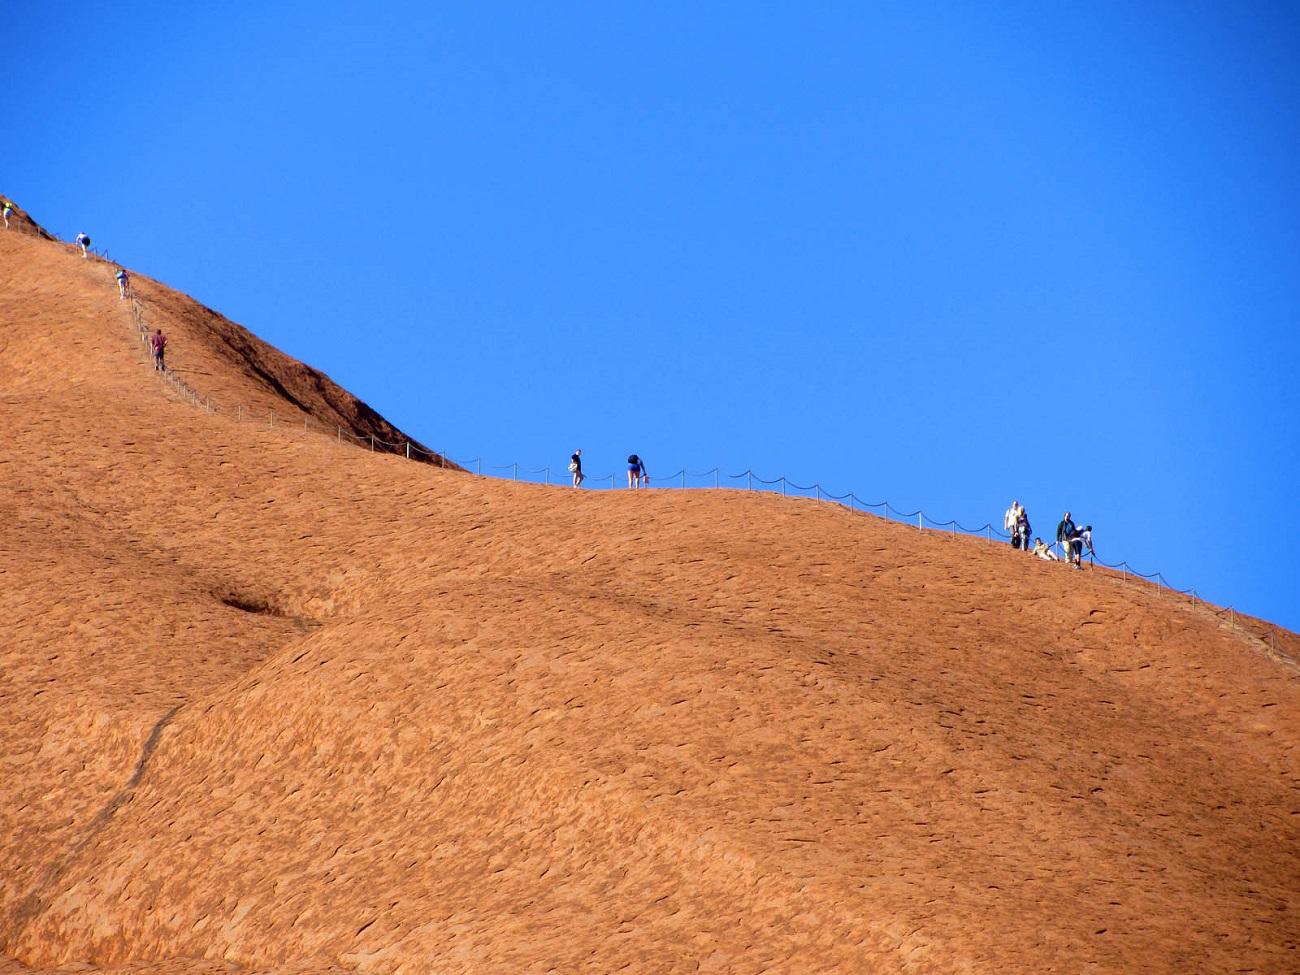 Alpinism pe roca Uluru, Australia